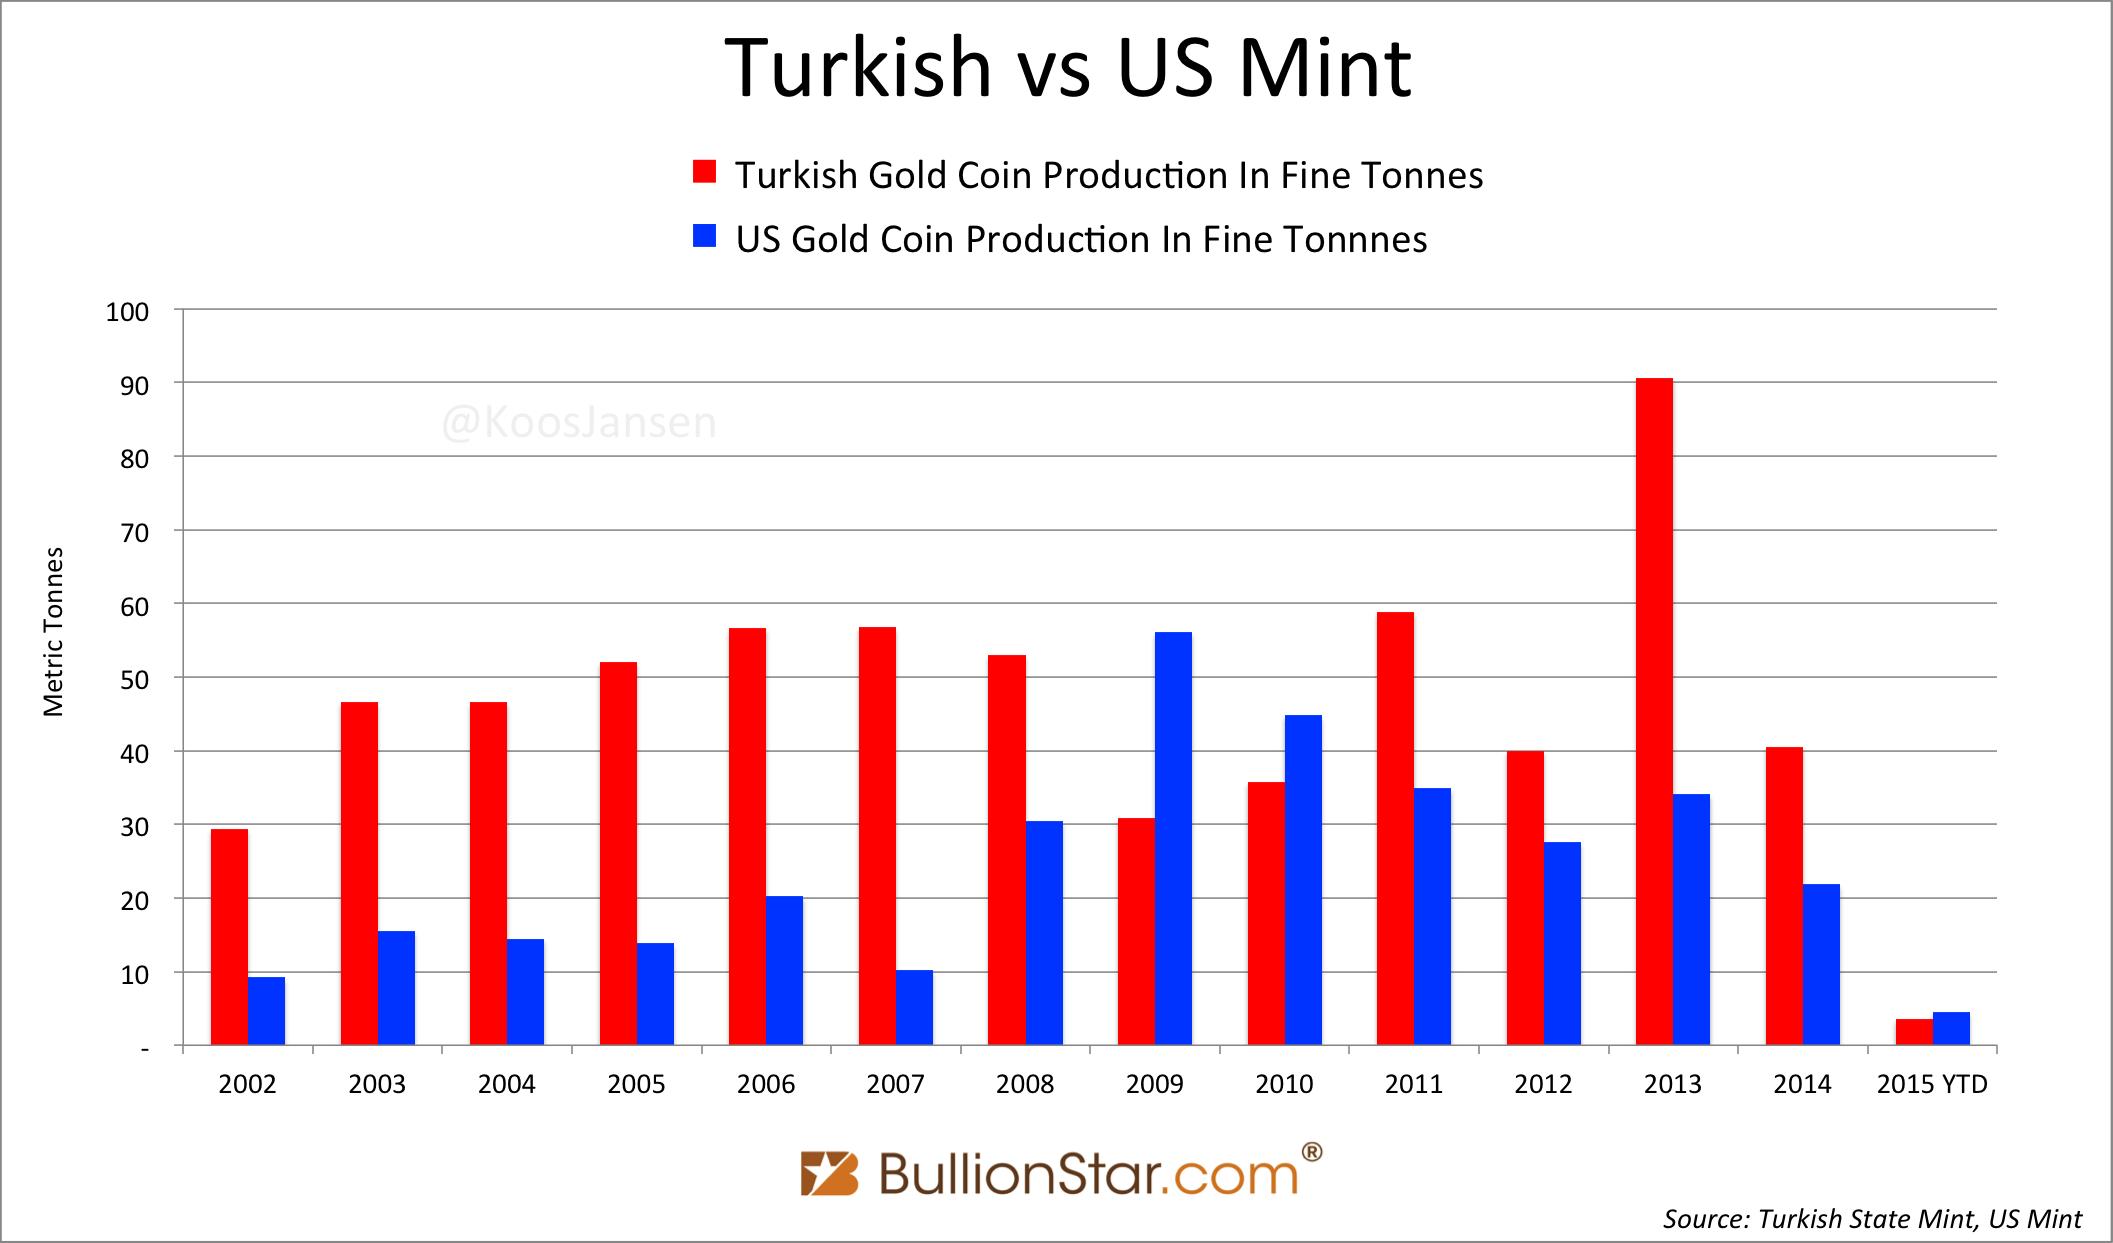 Turkish vs US Mint 2002 - 2015 ytd